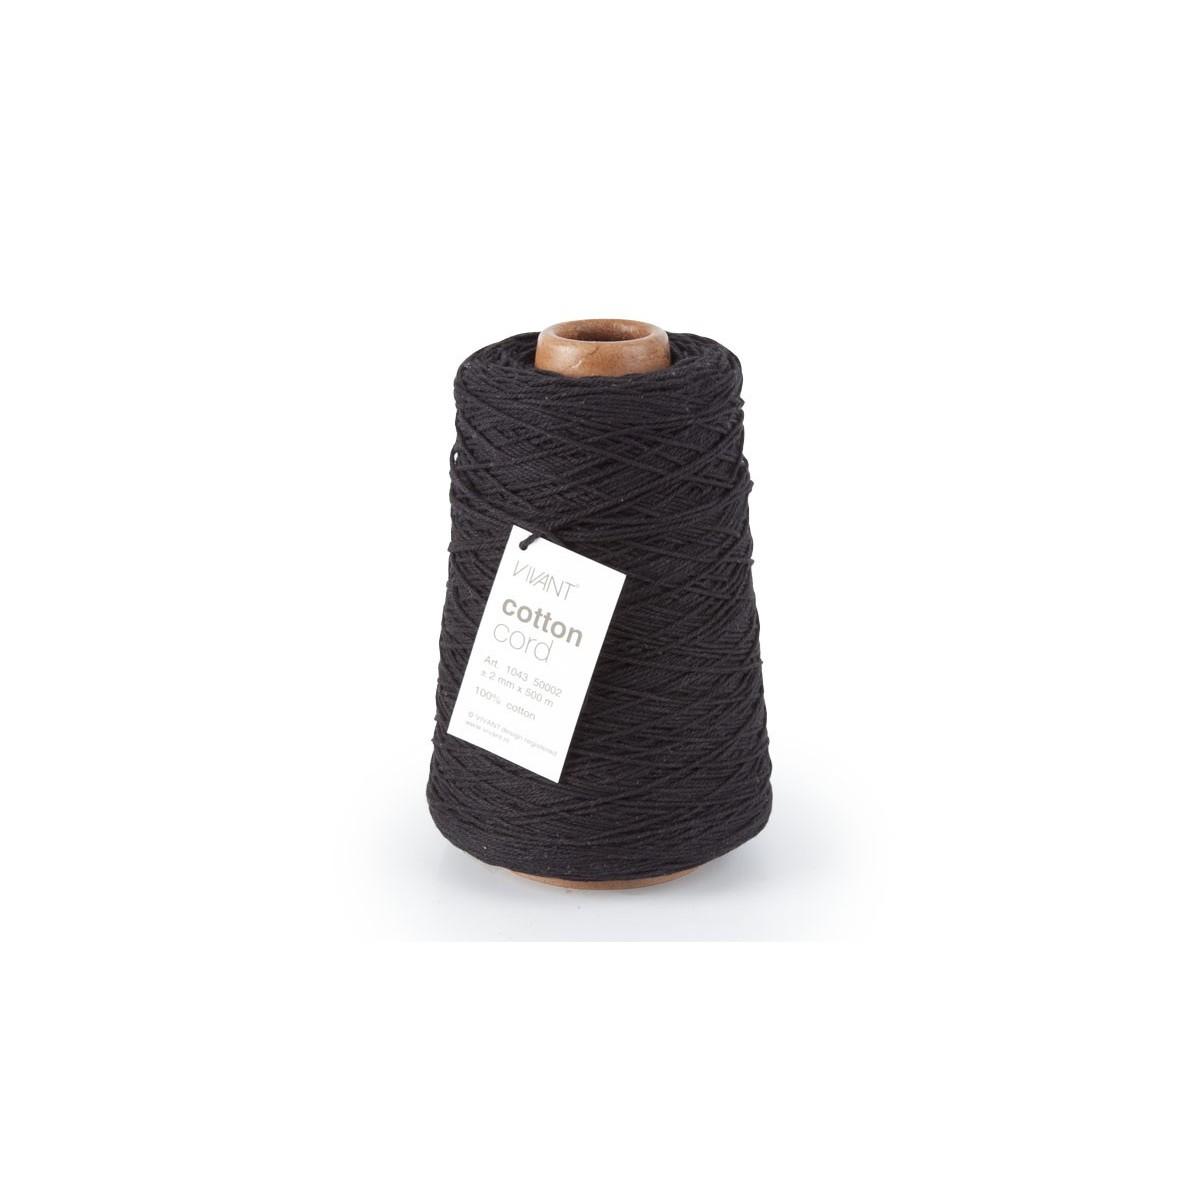 Cotton Cord mm. 2 X 500 Mt. Nero